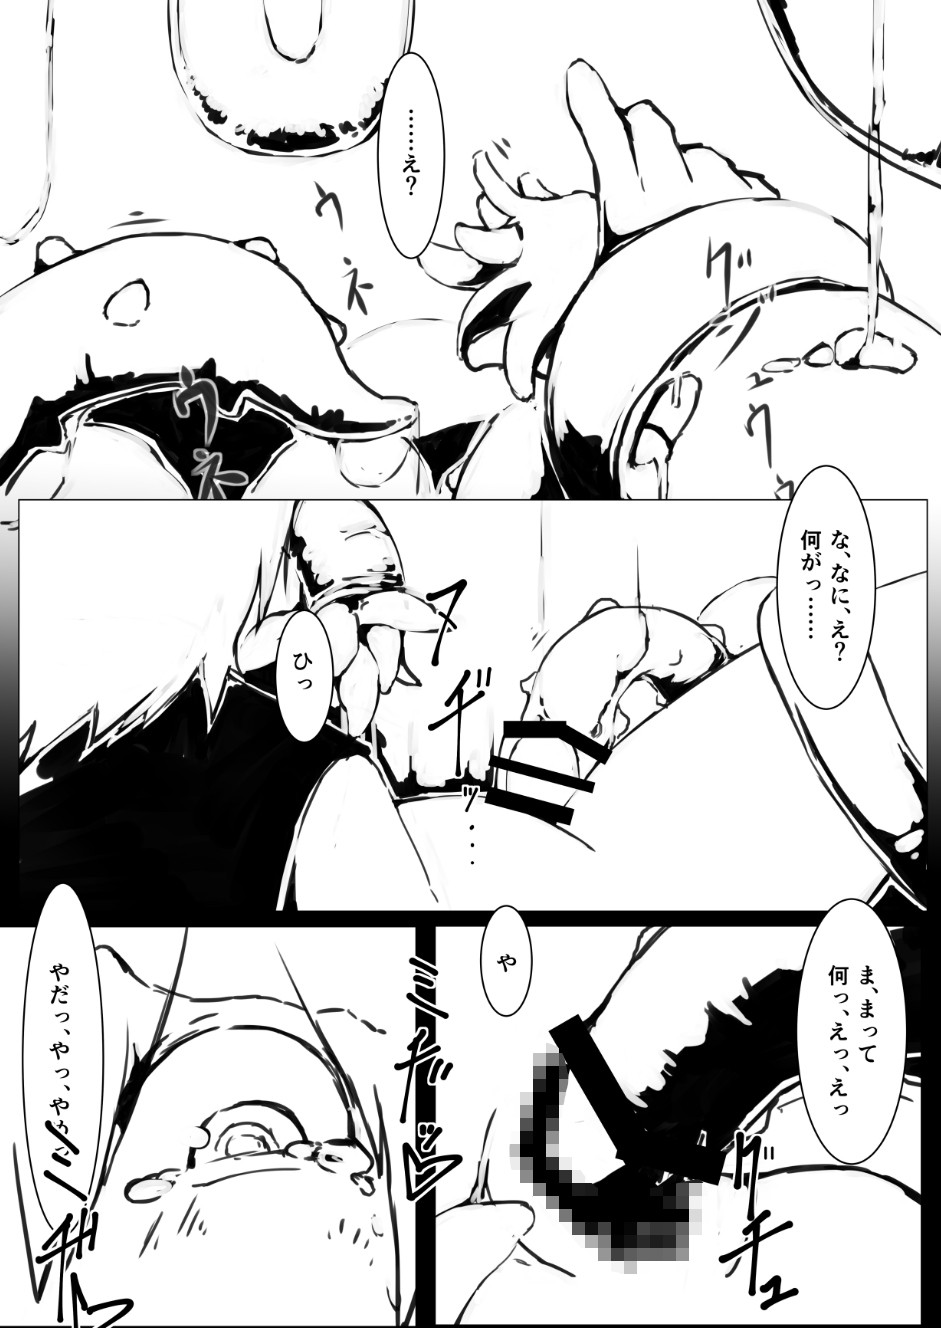 ルーミアちゃんが触手でせいばいされる話【DL版】のサンプル画像1